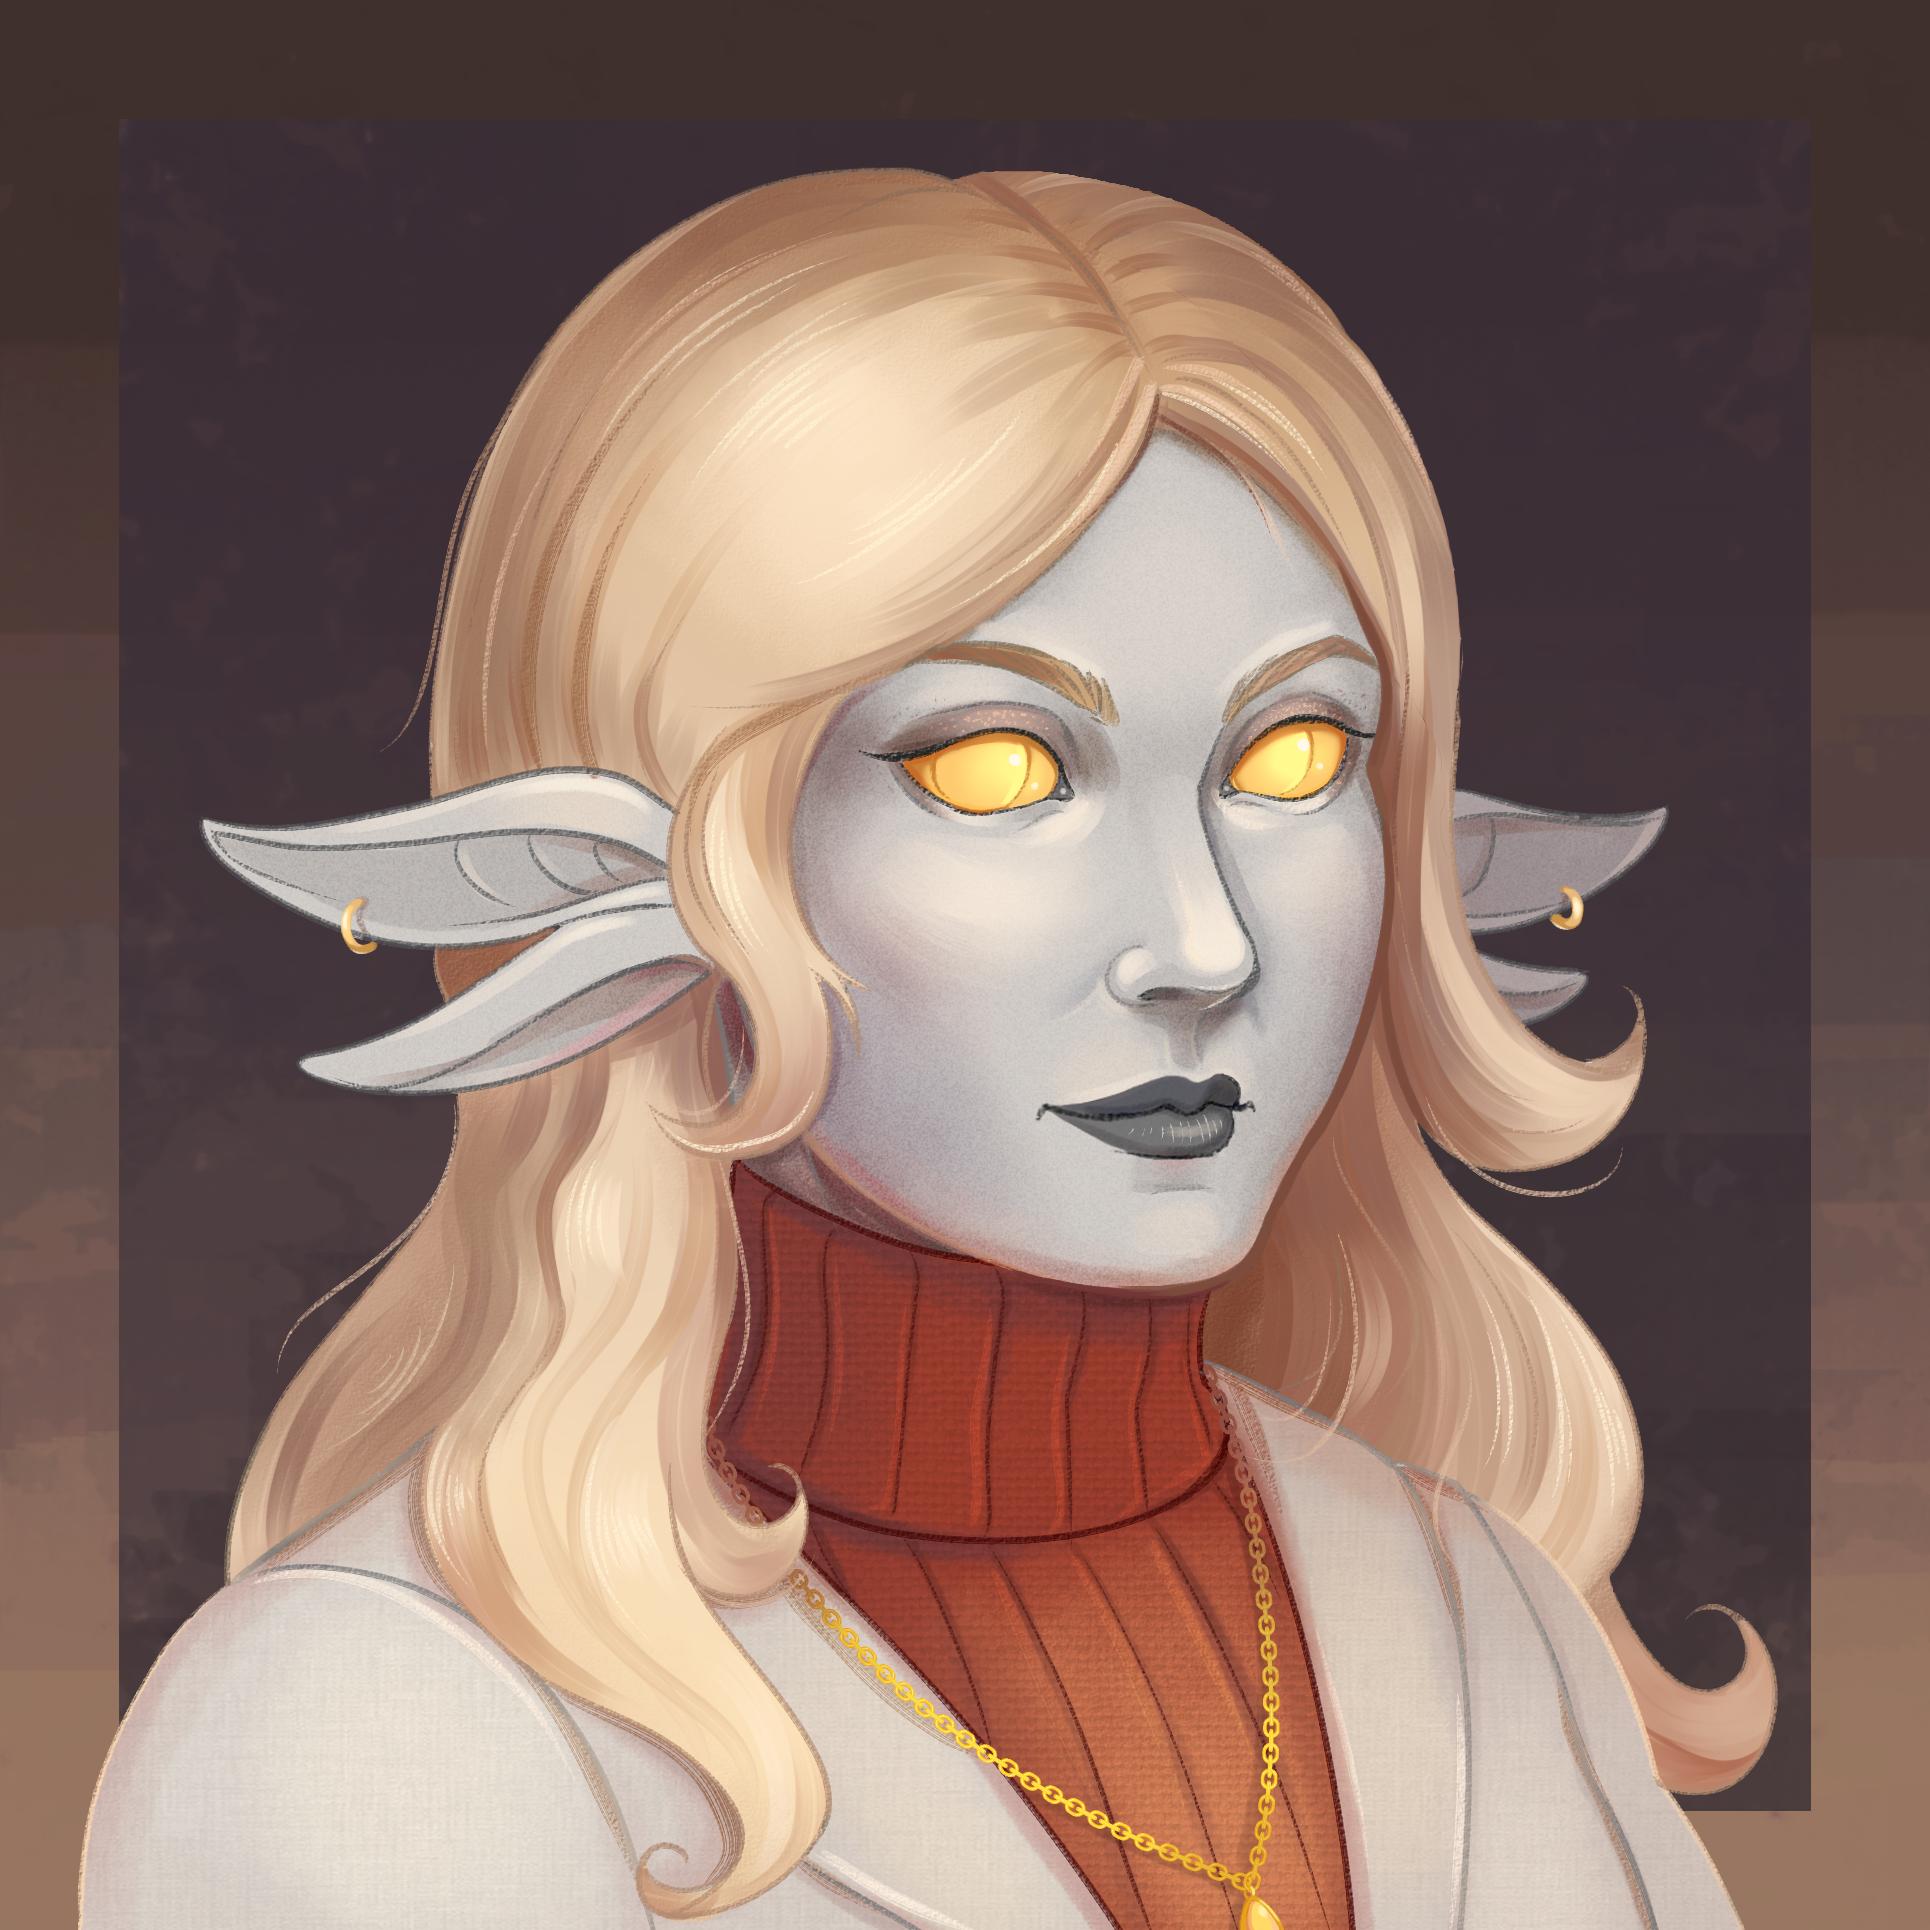 Norn new portrait[p]